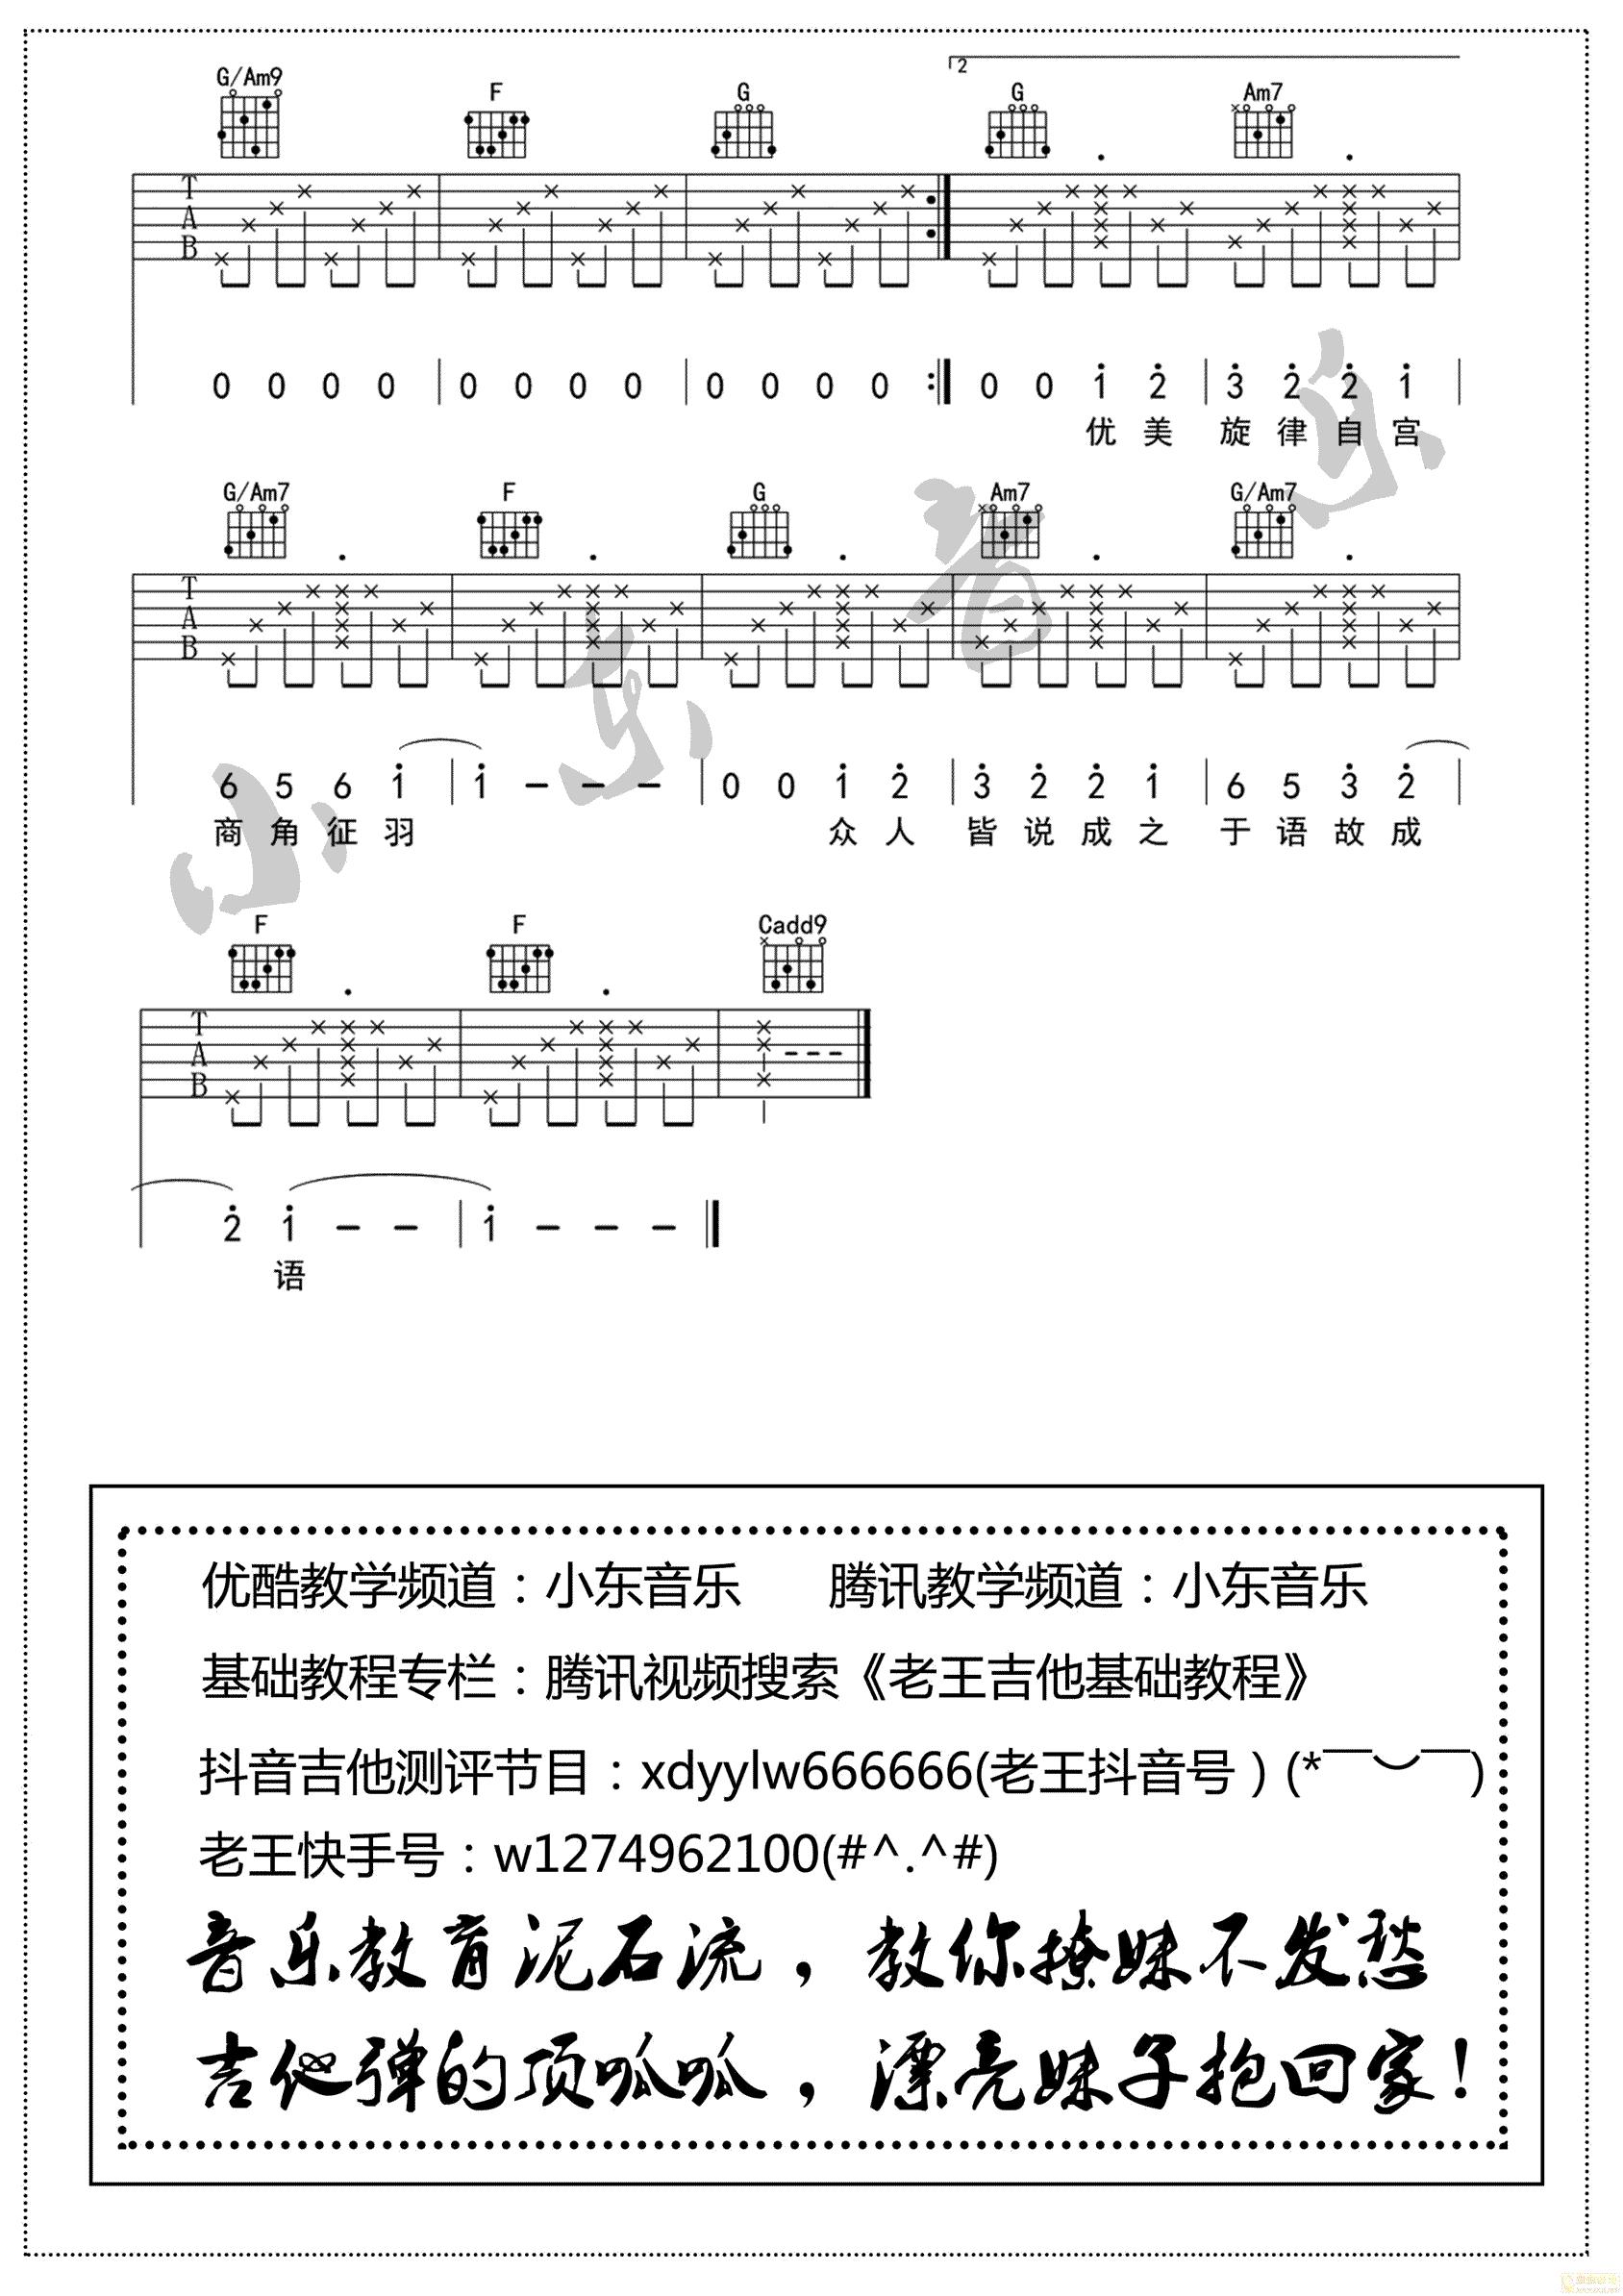 生僻字-陳柯宇-图片吉他谱-3